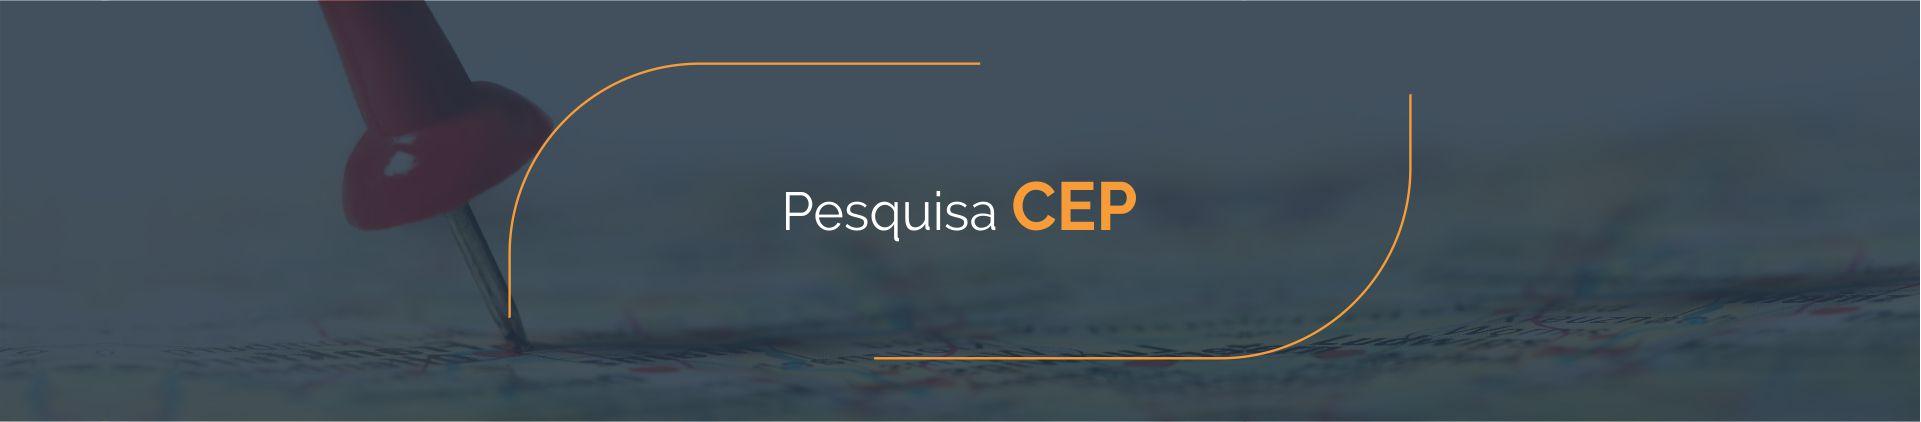 Pesquisa CEP - Disk Fácil Listas Telefônicas